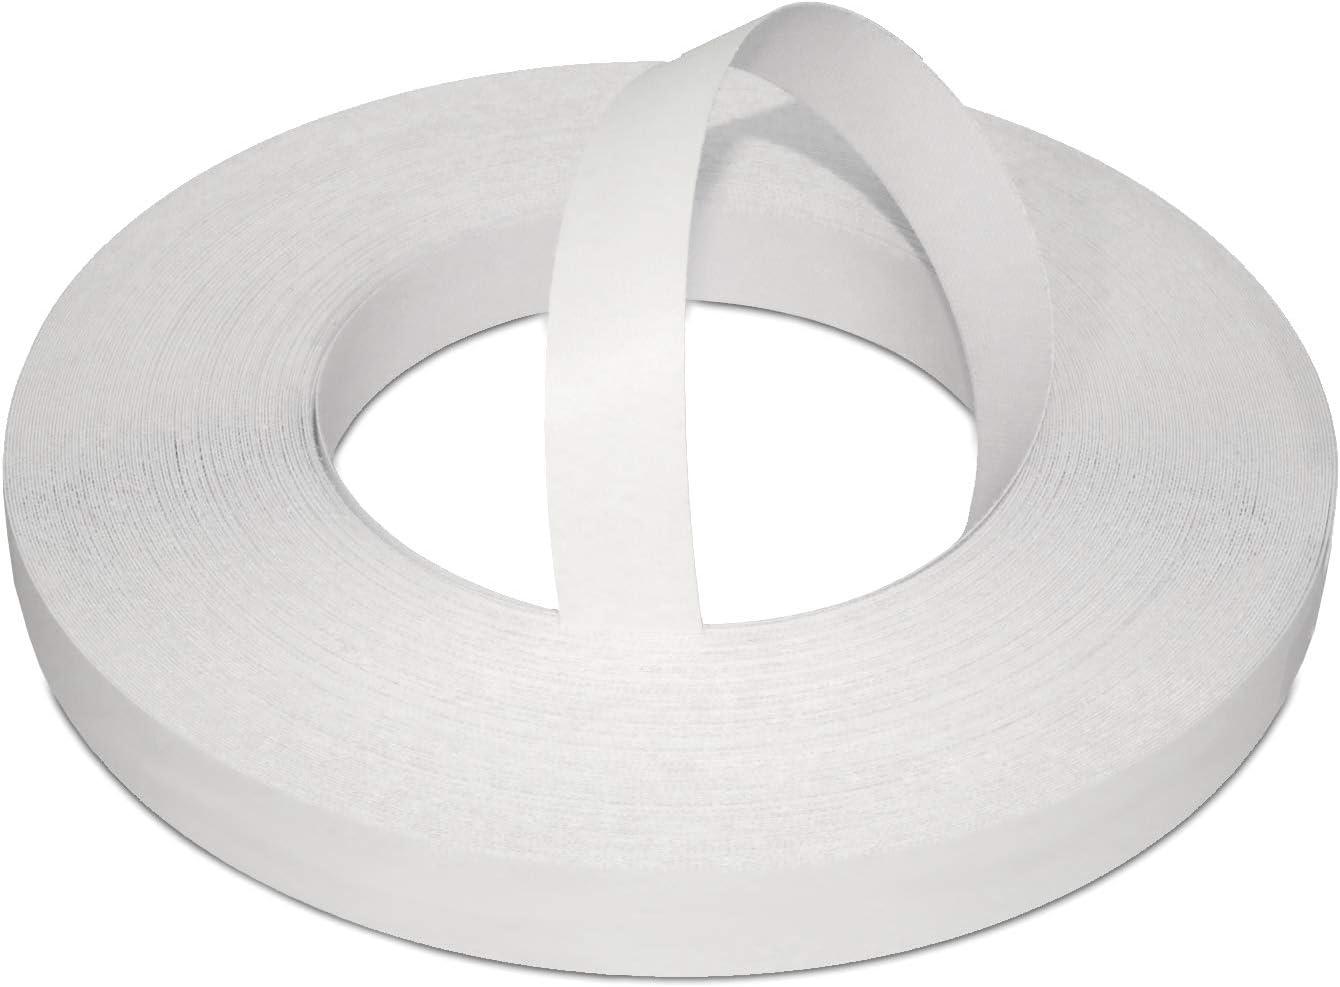 22mm Mélamine Blanc Nacre Bande De Placage Pré Collée 50m Rouleau Commercial à Repasser Pour Une Application Facile